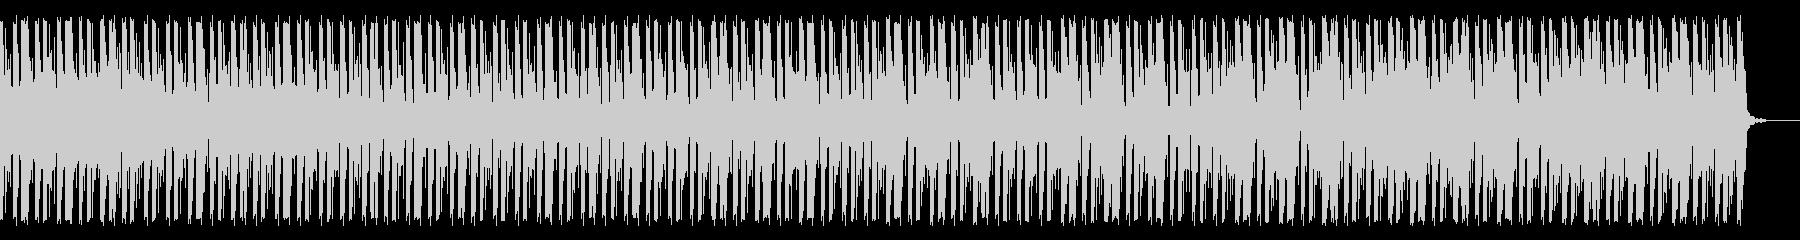 フリースタイルビート400の未再生の波形